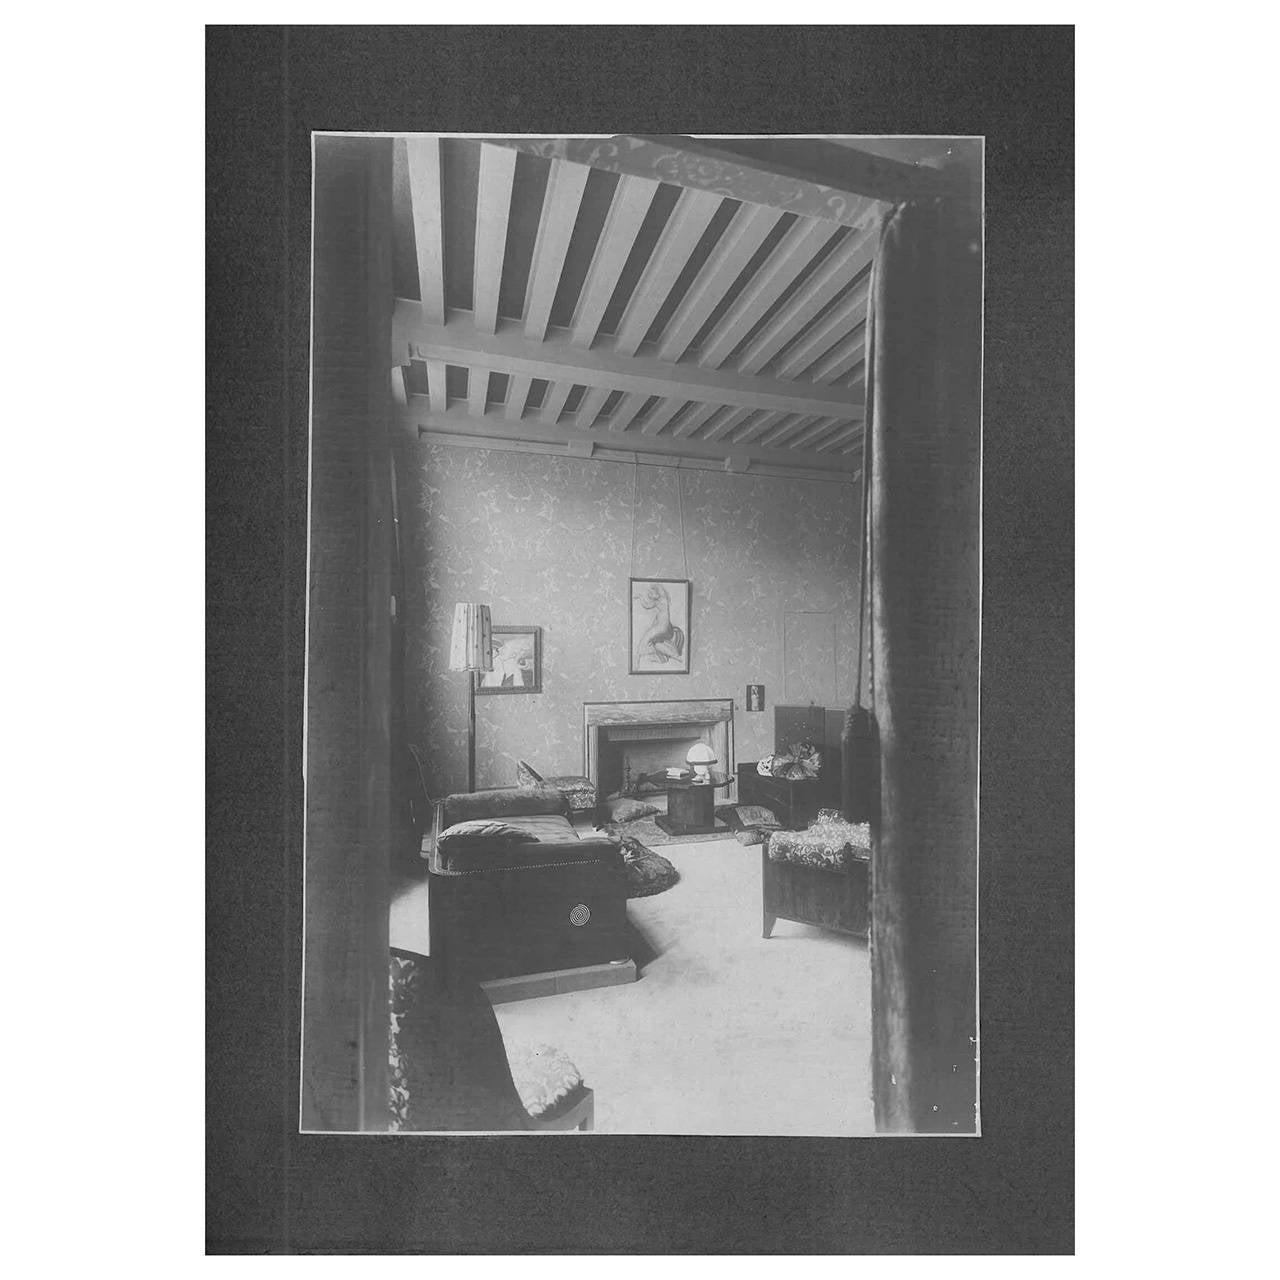 Ruhlmann Vintage Photograph Album For Sale